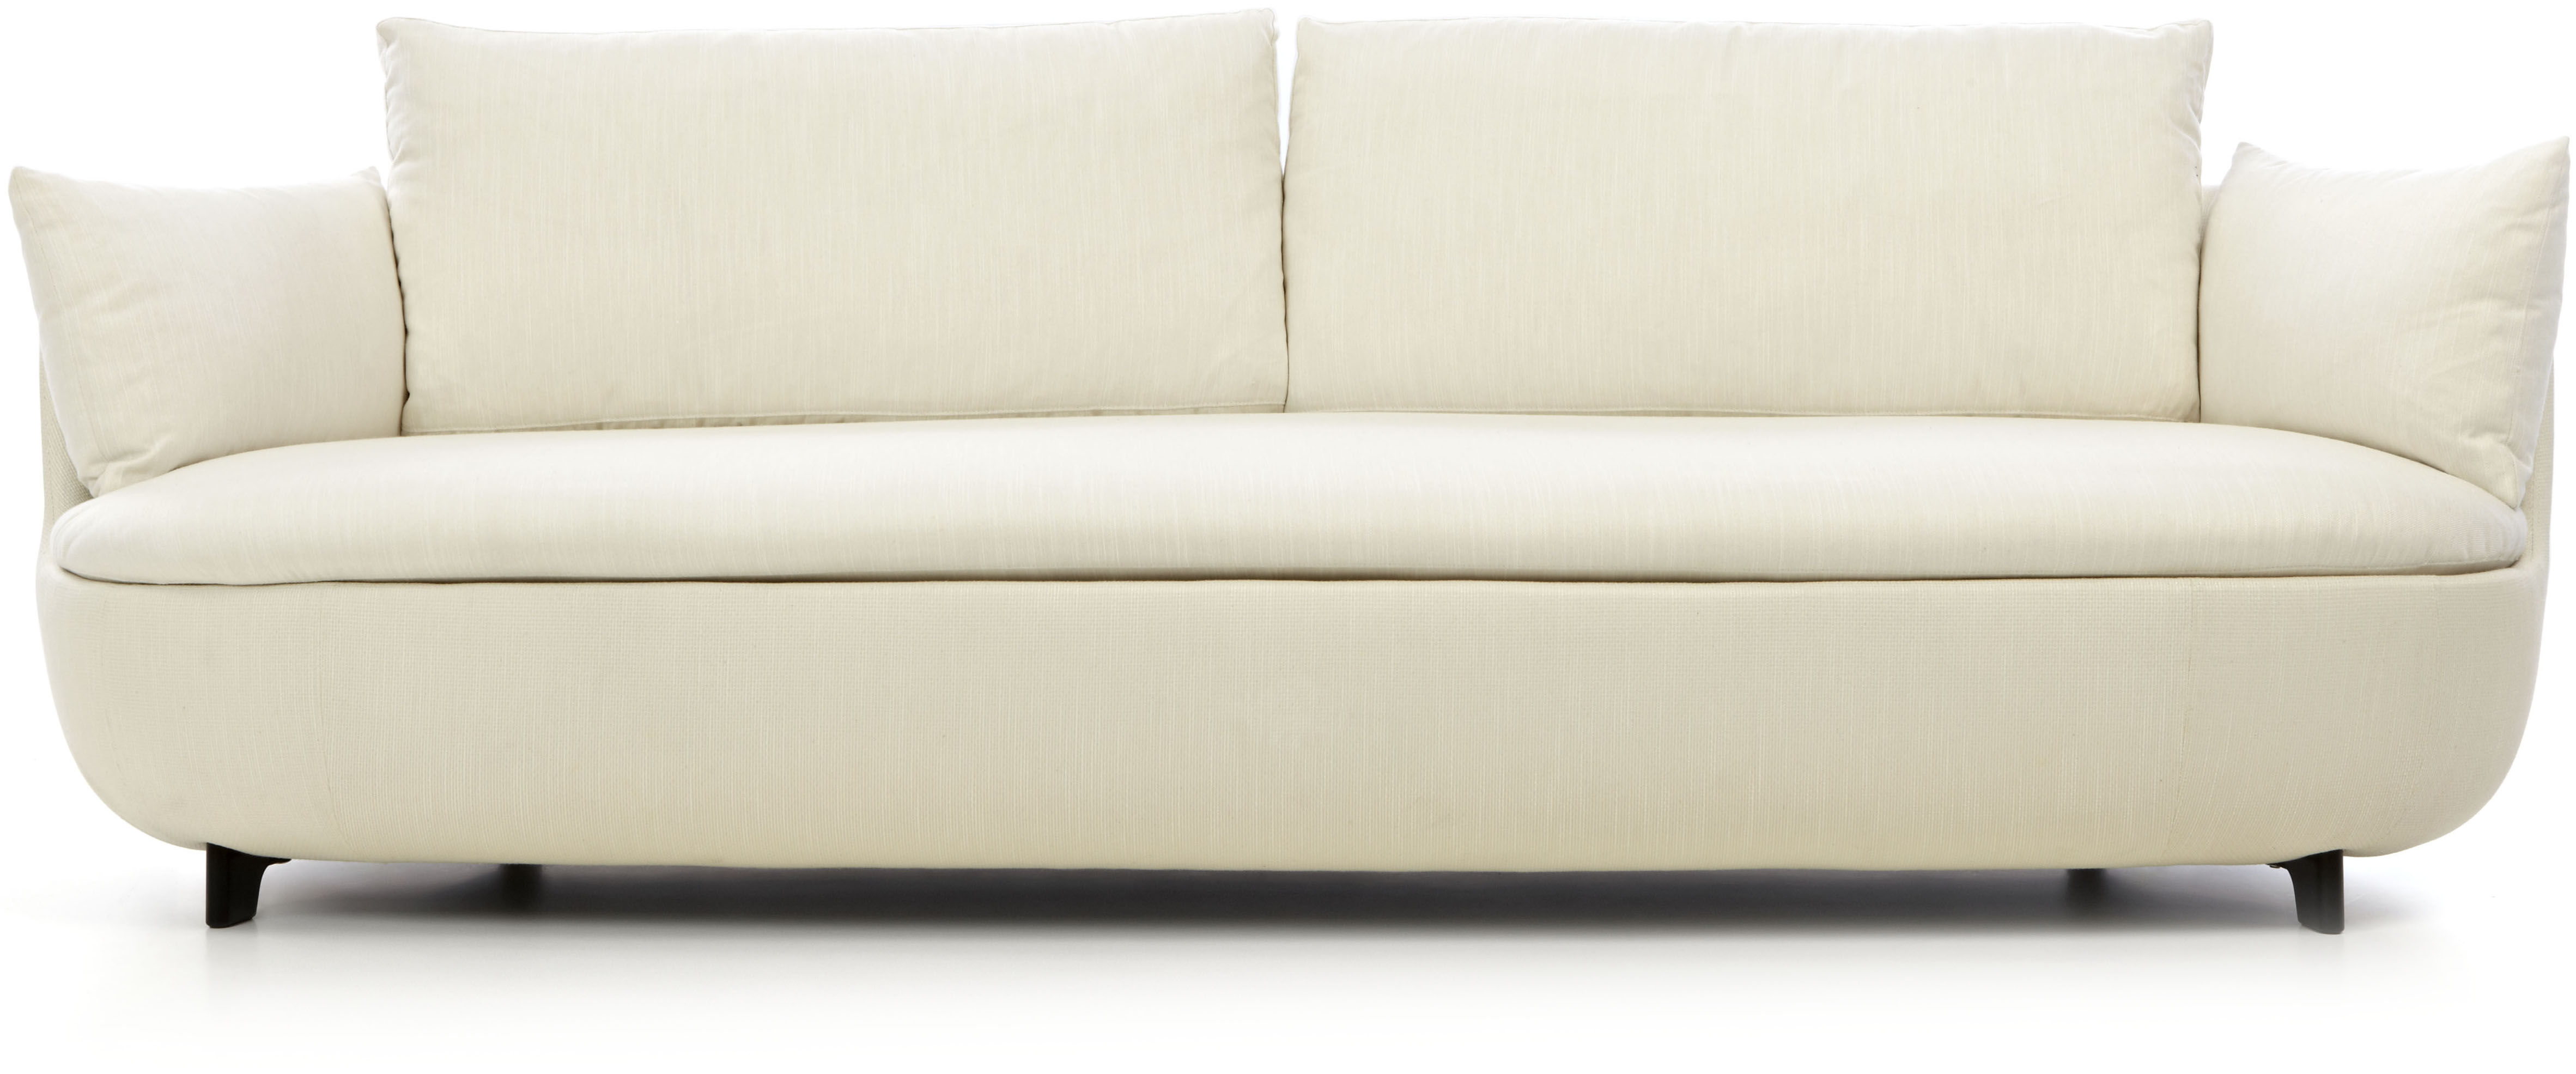 Mobilier - Canapés - Canapé droit Bart / L 235 cm - Pieds bois - Tissu - Moooi - Tissu crème / Pieds noirs - Bois, Mousse, Tissu